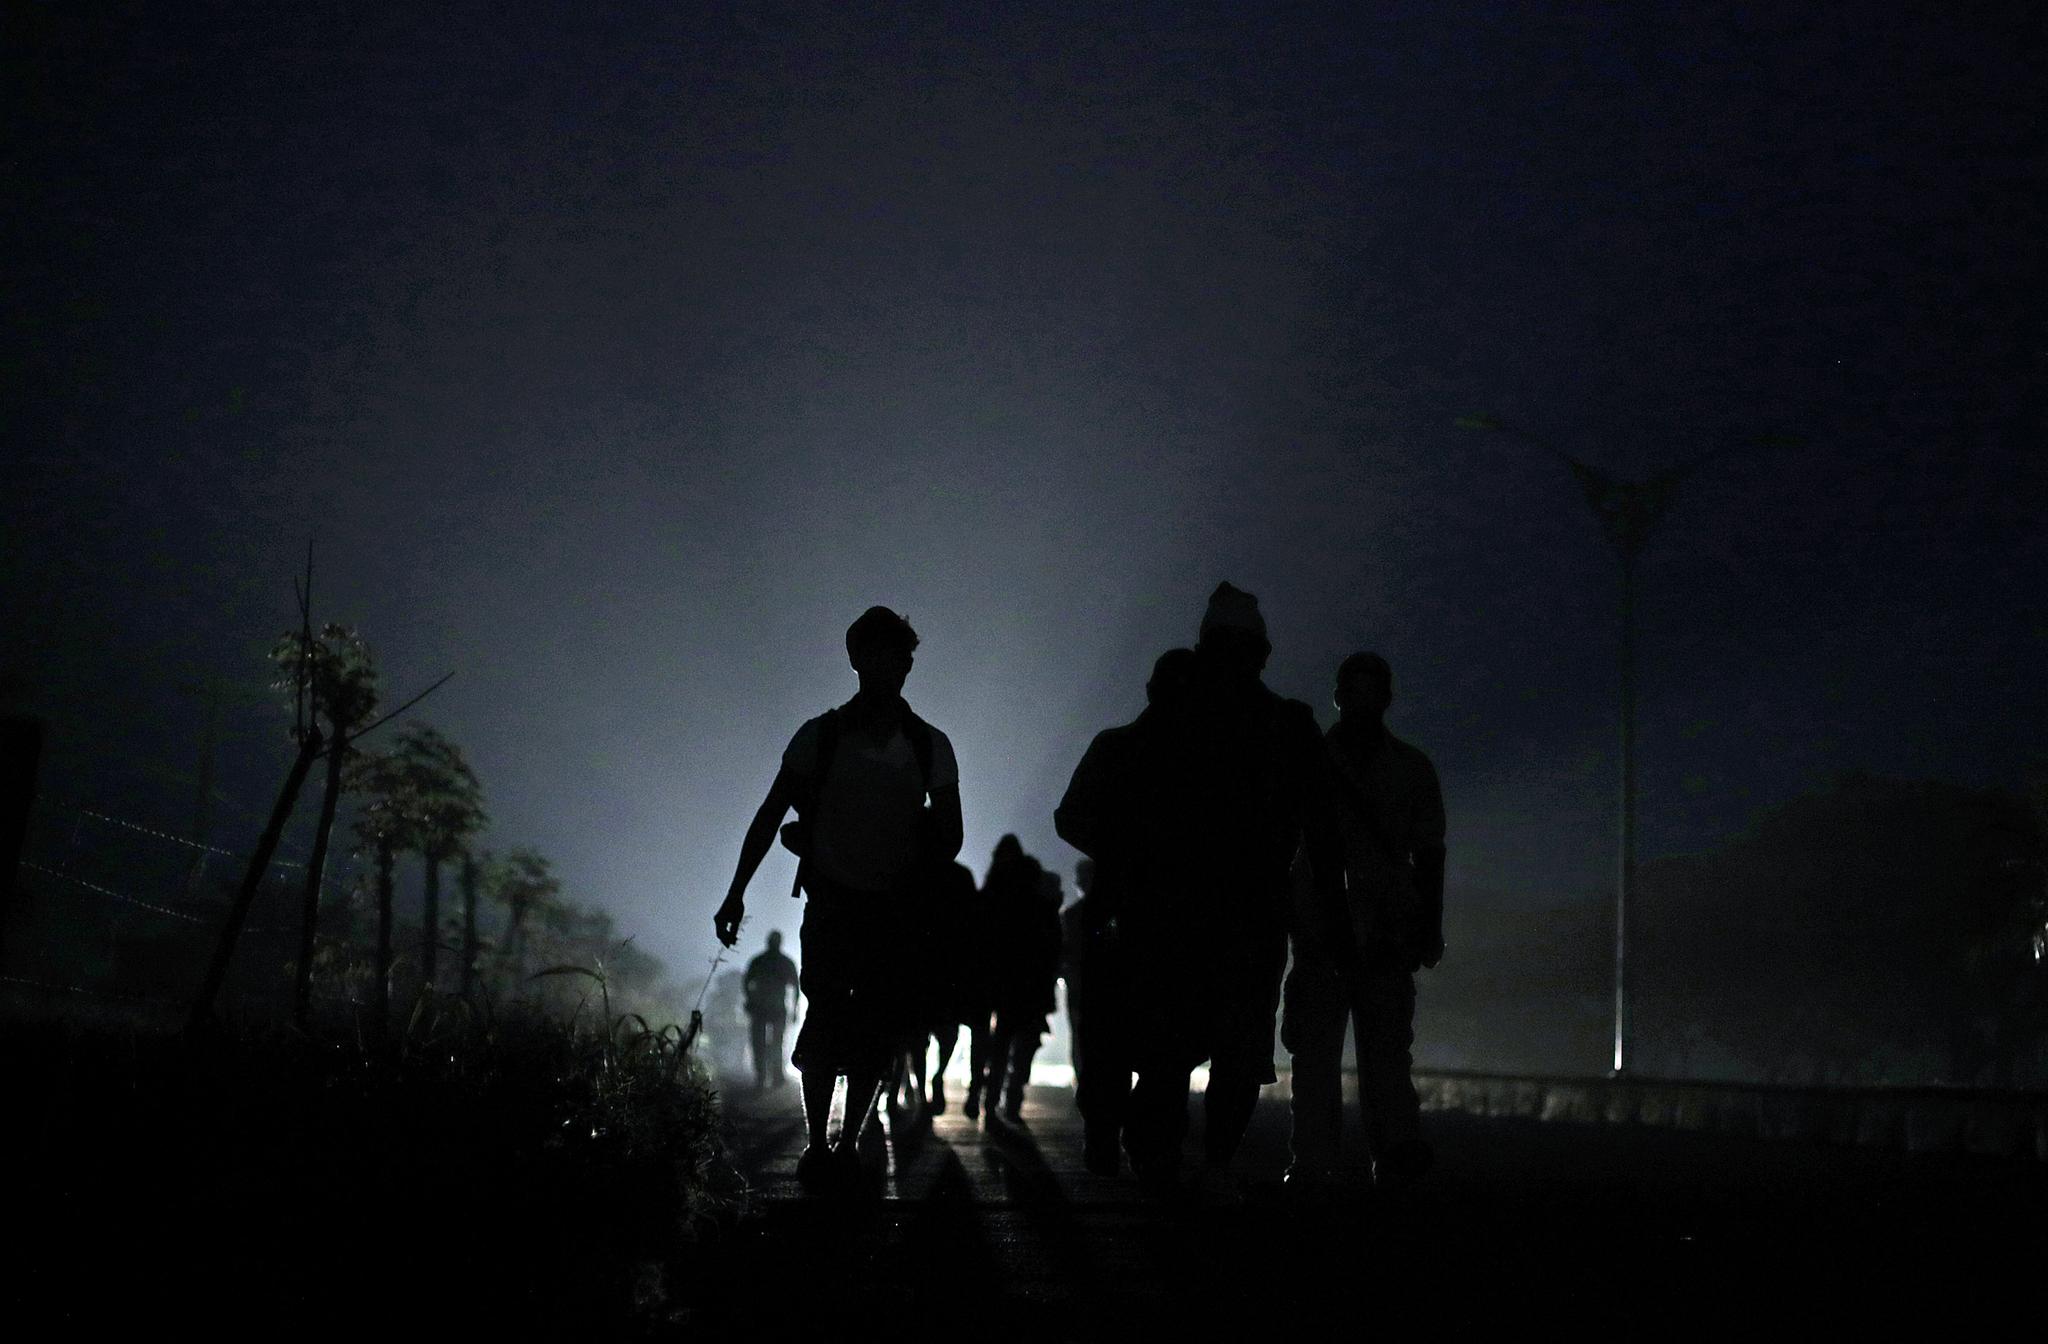 이민자들이 4일(현지시간) 미국으로 가기위해 멕시코 코르도바 도로를 따라 걷고 있다.[로이터=연합뉴스]